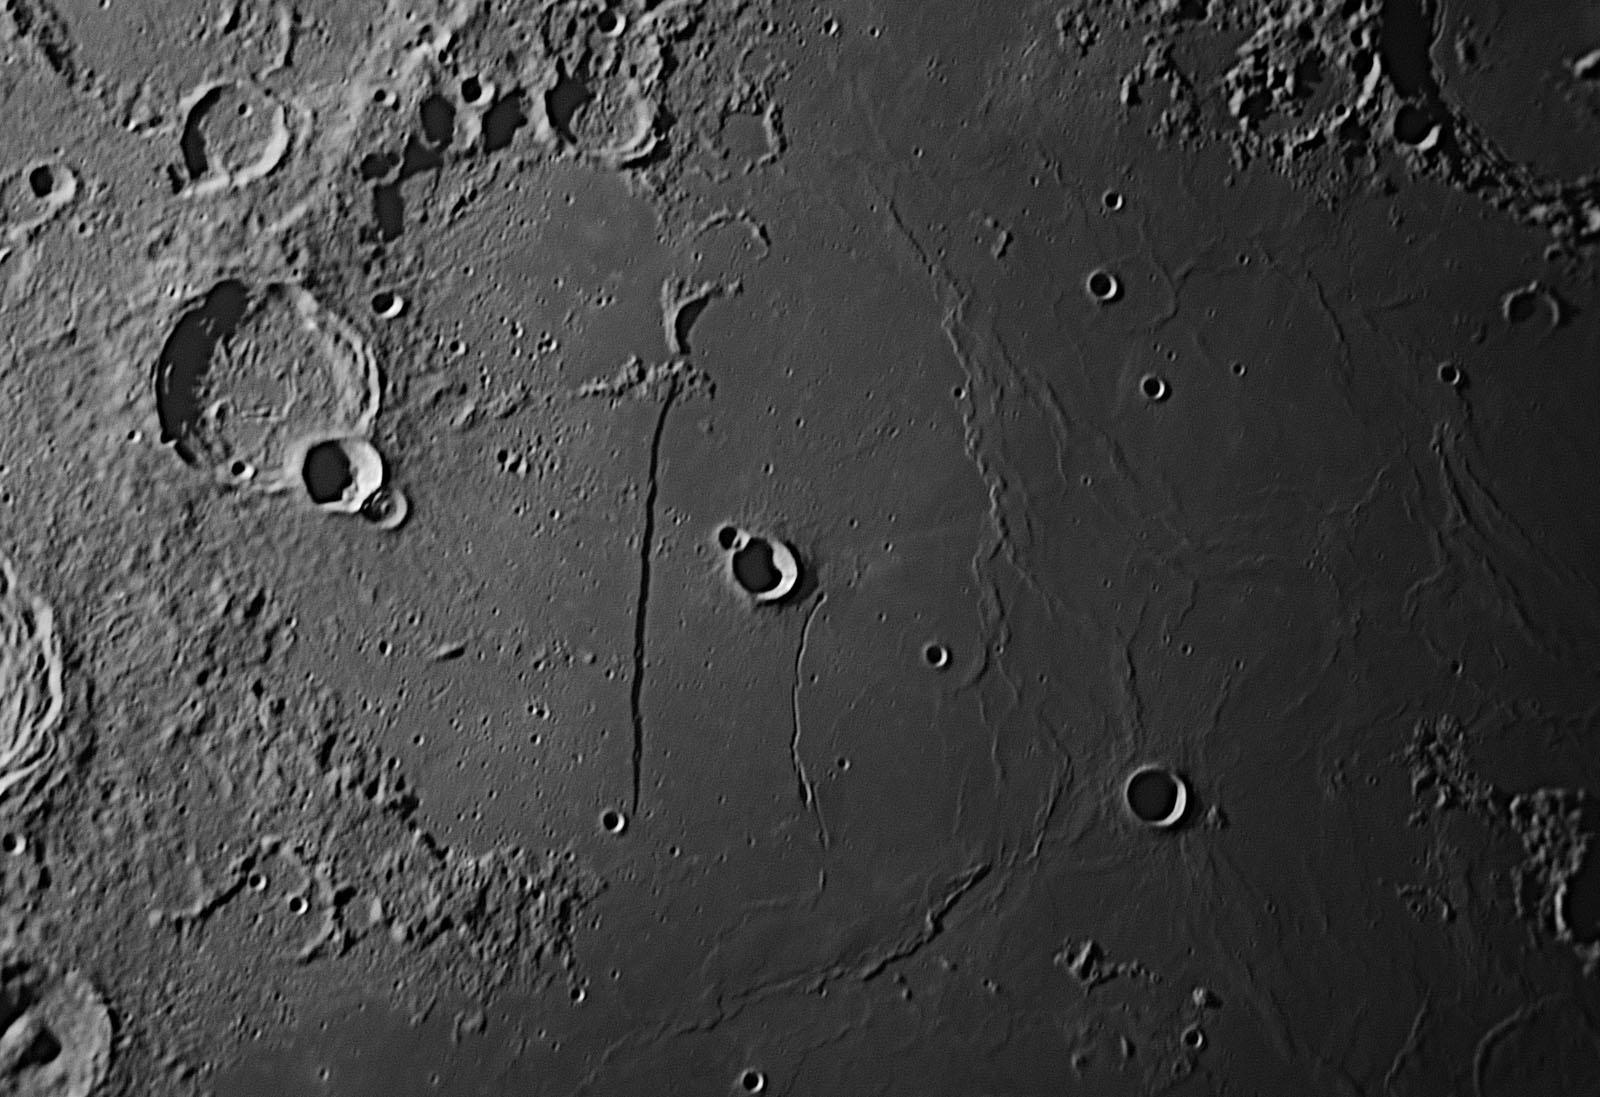 Moon20161208sw1w1600